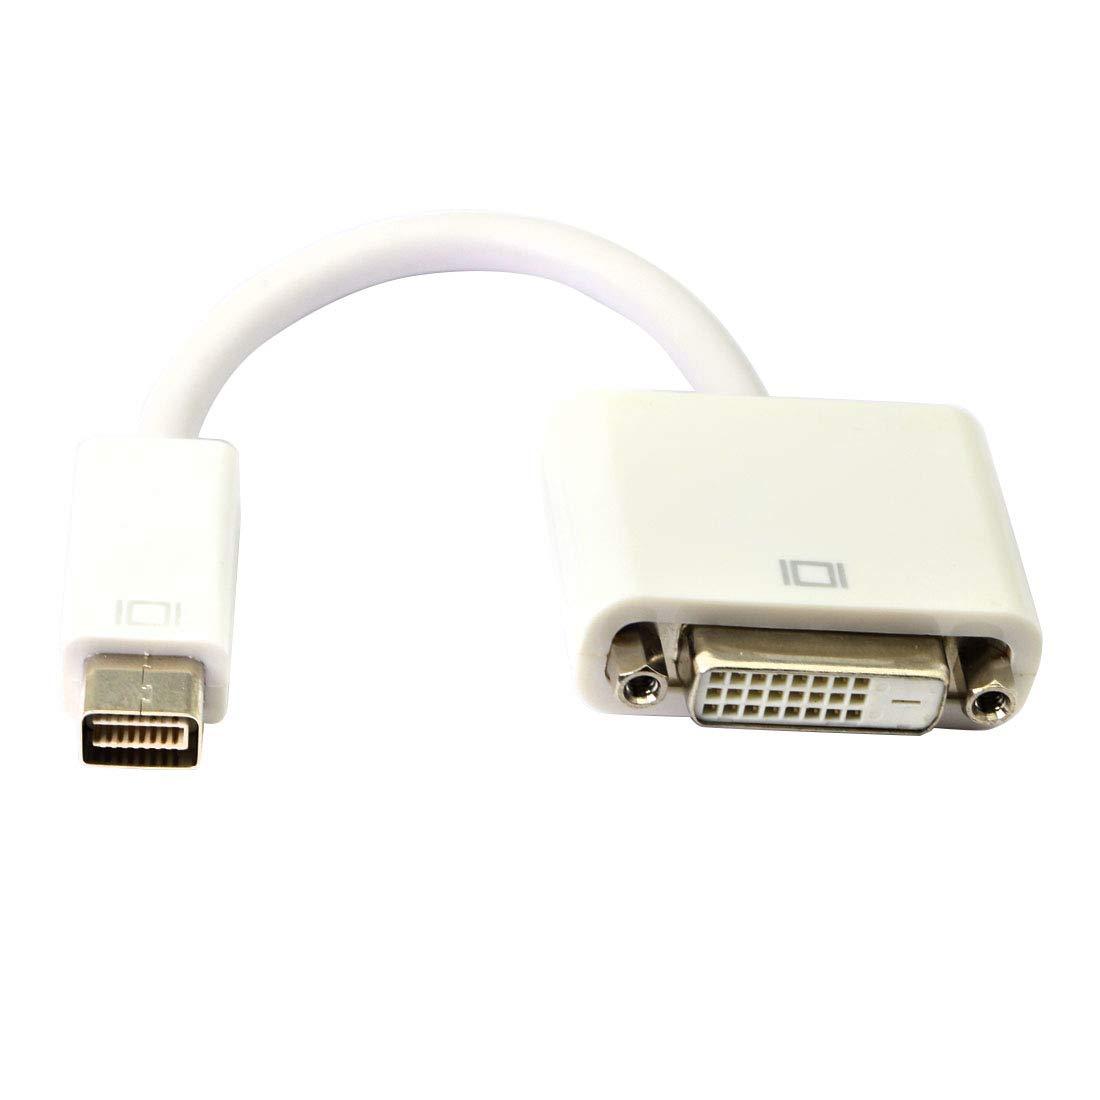 Adattatore video Mini DVI a HDMI,Cavo Mini DVI maschio a HDMI femmina MacBook Mini DVI Adapter per MacBook e iMacs F M